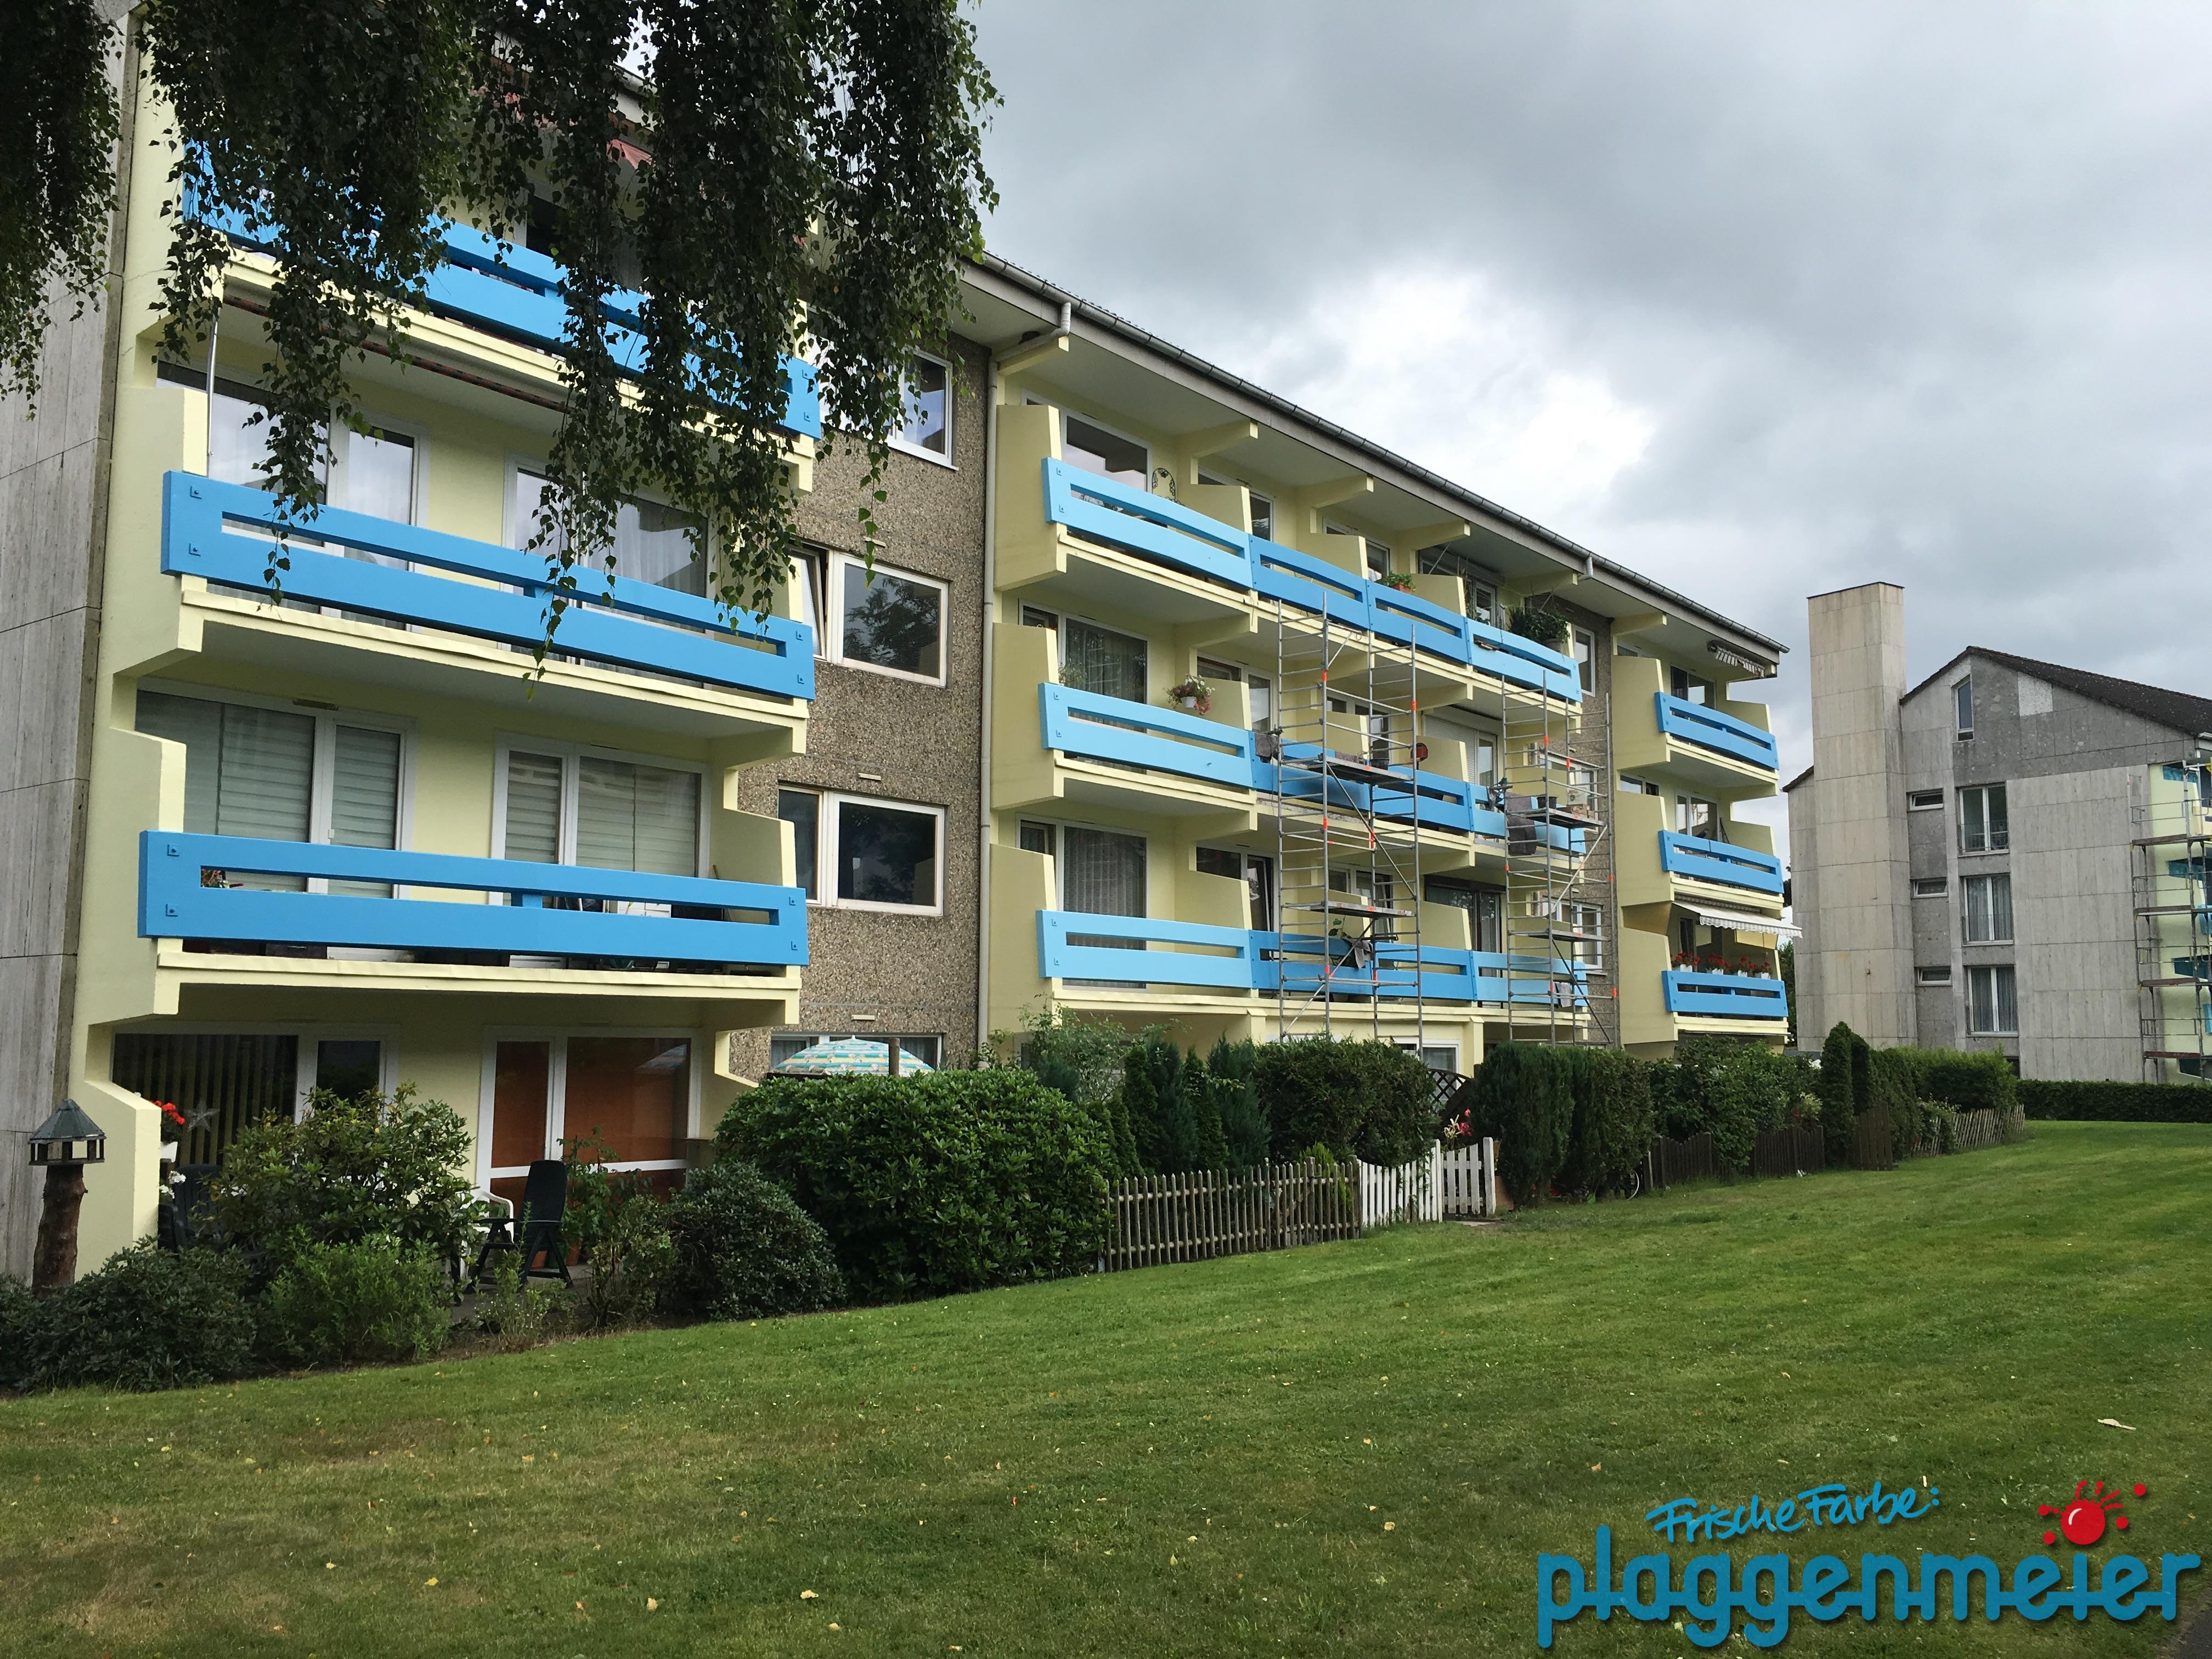 So sieht es fertig aus! Malerarbeiten und Betonsanierung an der Fassade abgeschlossen! Profimaler aus Bremen